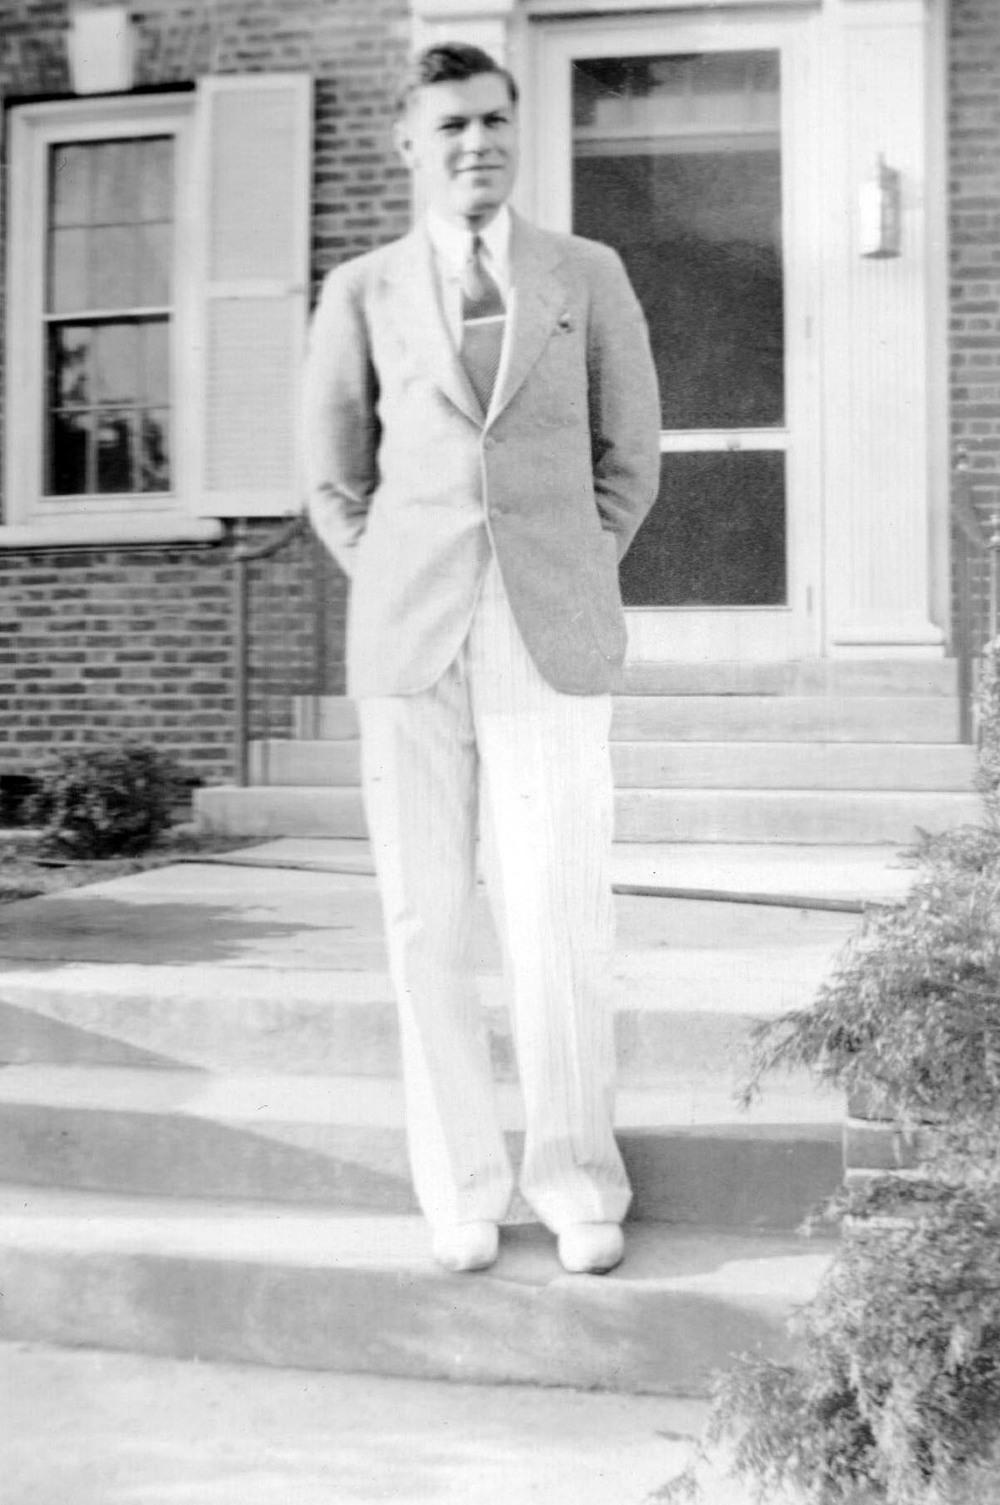 Louis W. Mattis 1935